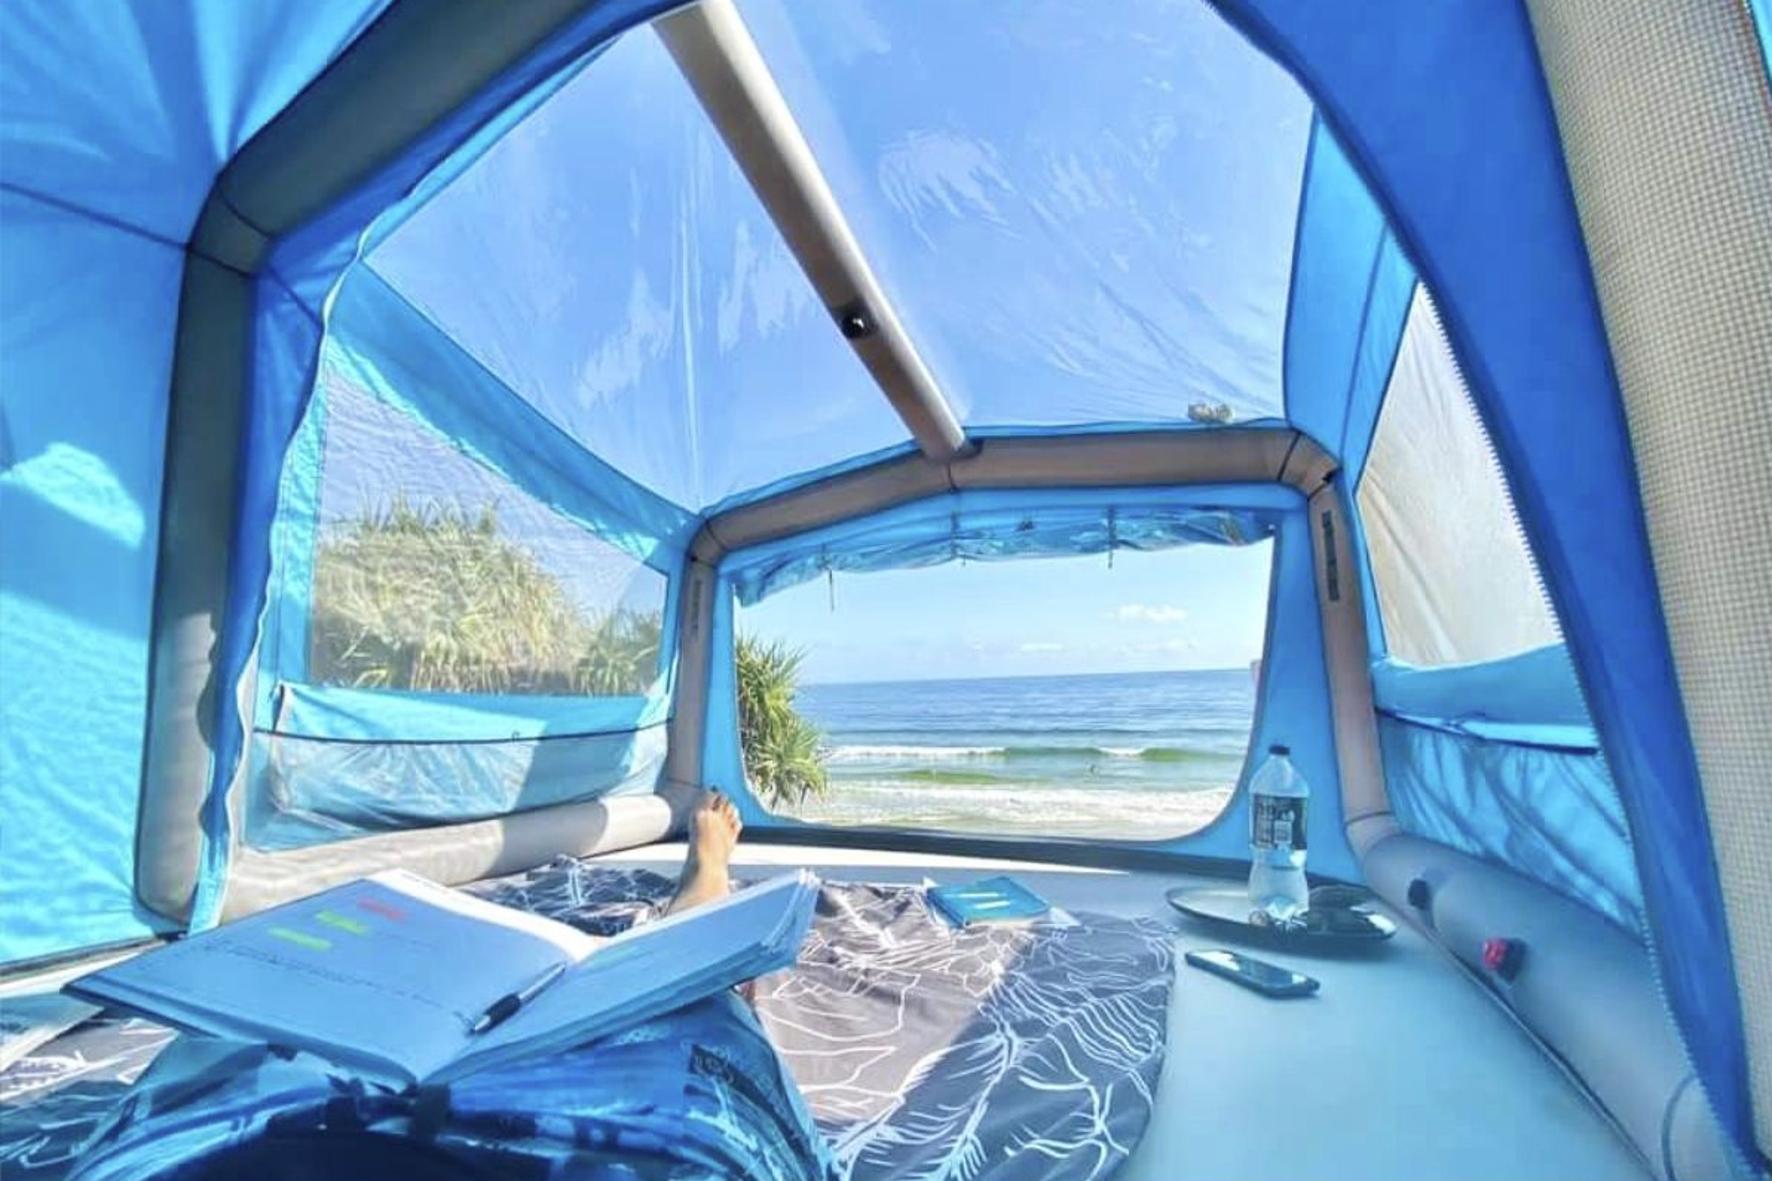 Corona Camping Tour 2021 – Dachzelte – kleine Fluchten (Teil 1)